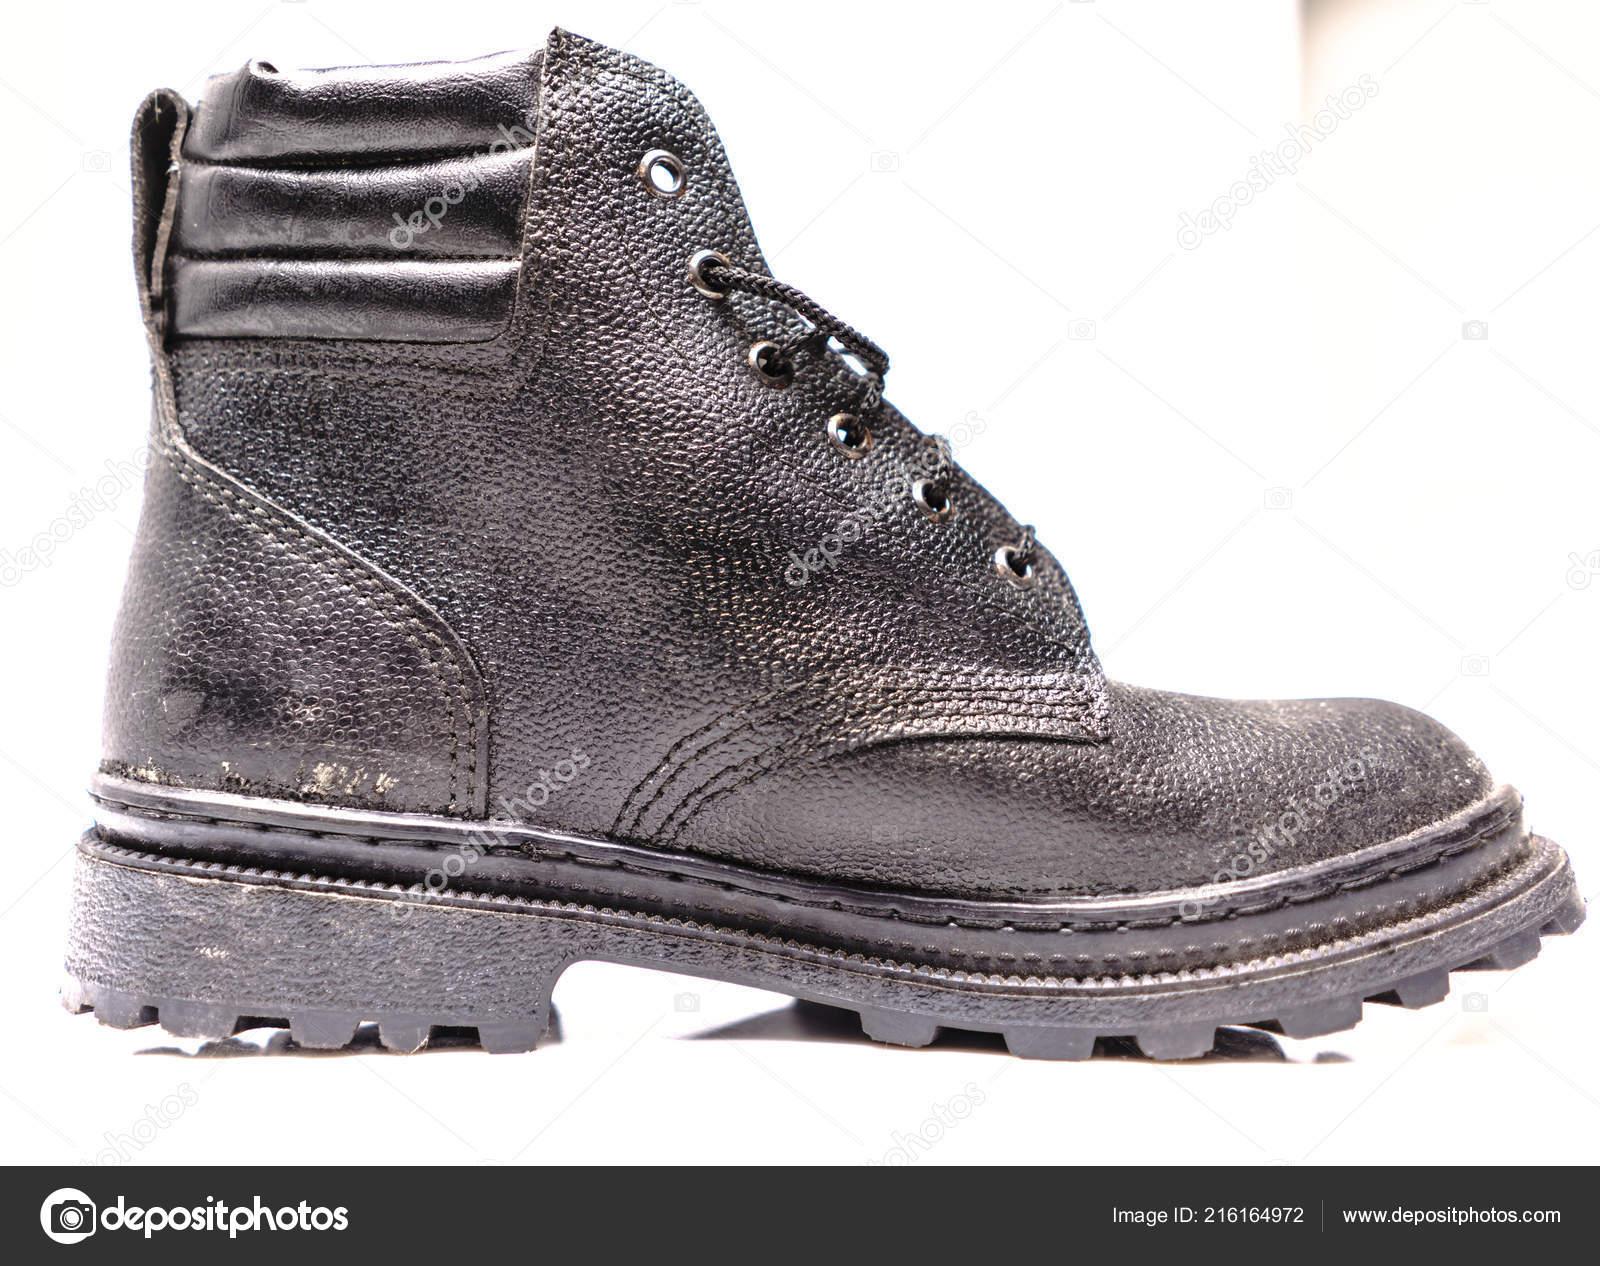 d548c74b658e4 Sapatos de proteção trabalhador — Stock Photo © Supertrooper  216164972